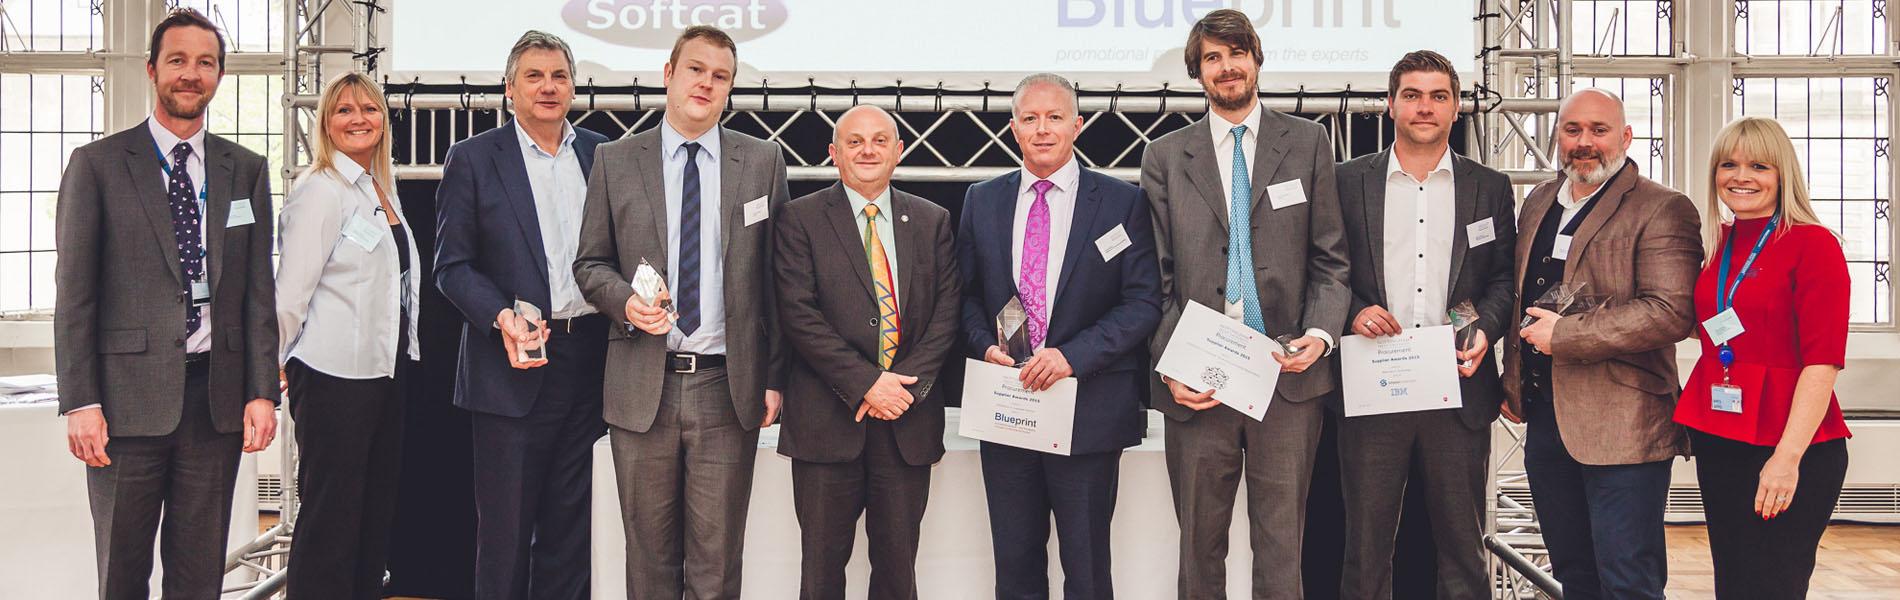 Simpson Associates win award for TM1 solution at Nottingham Trent University